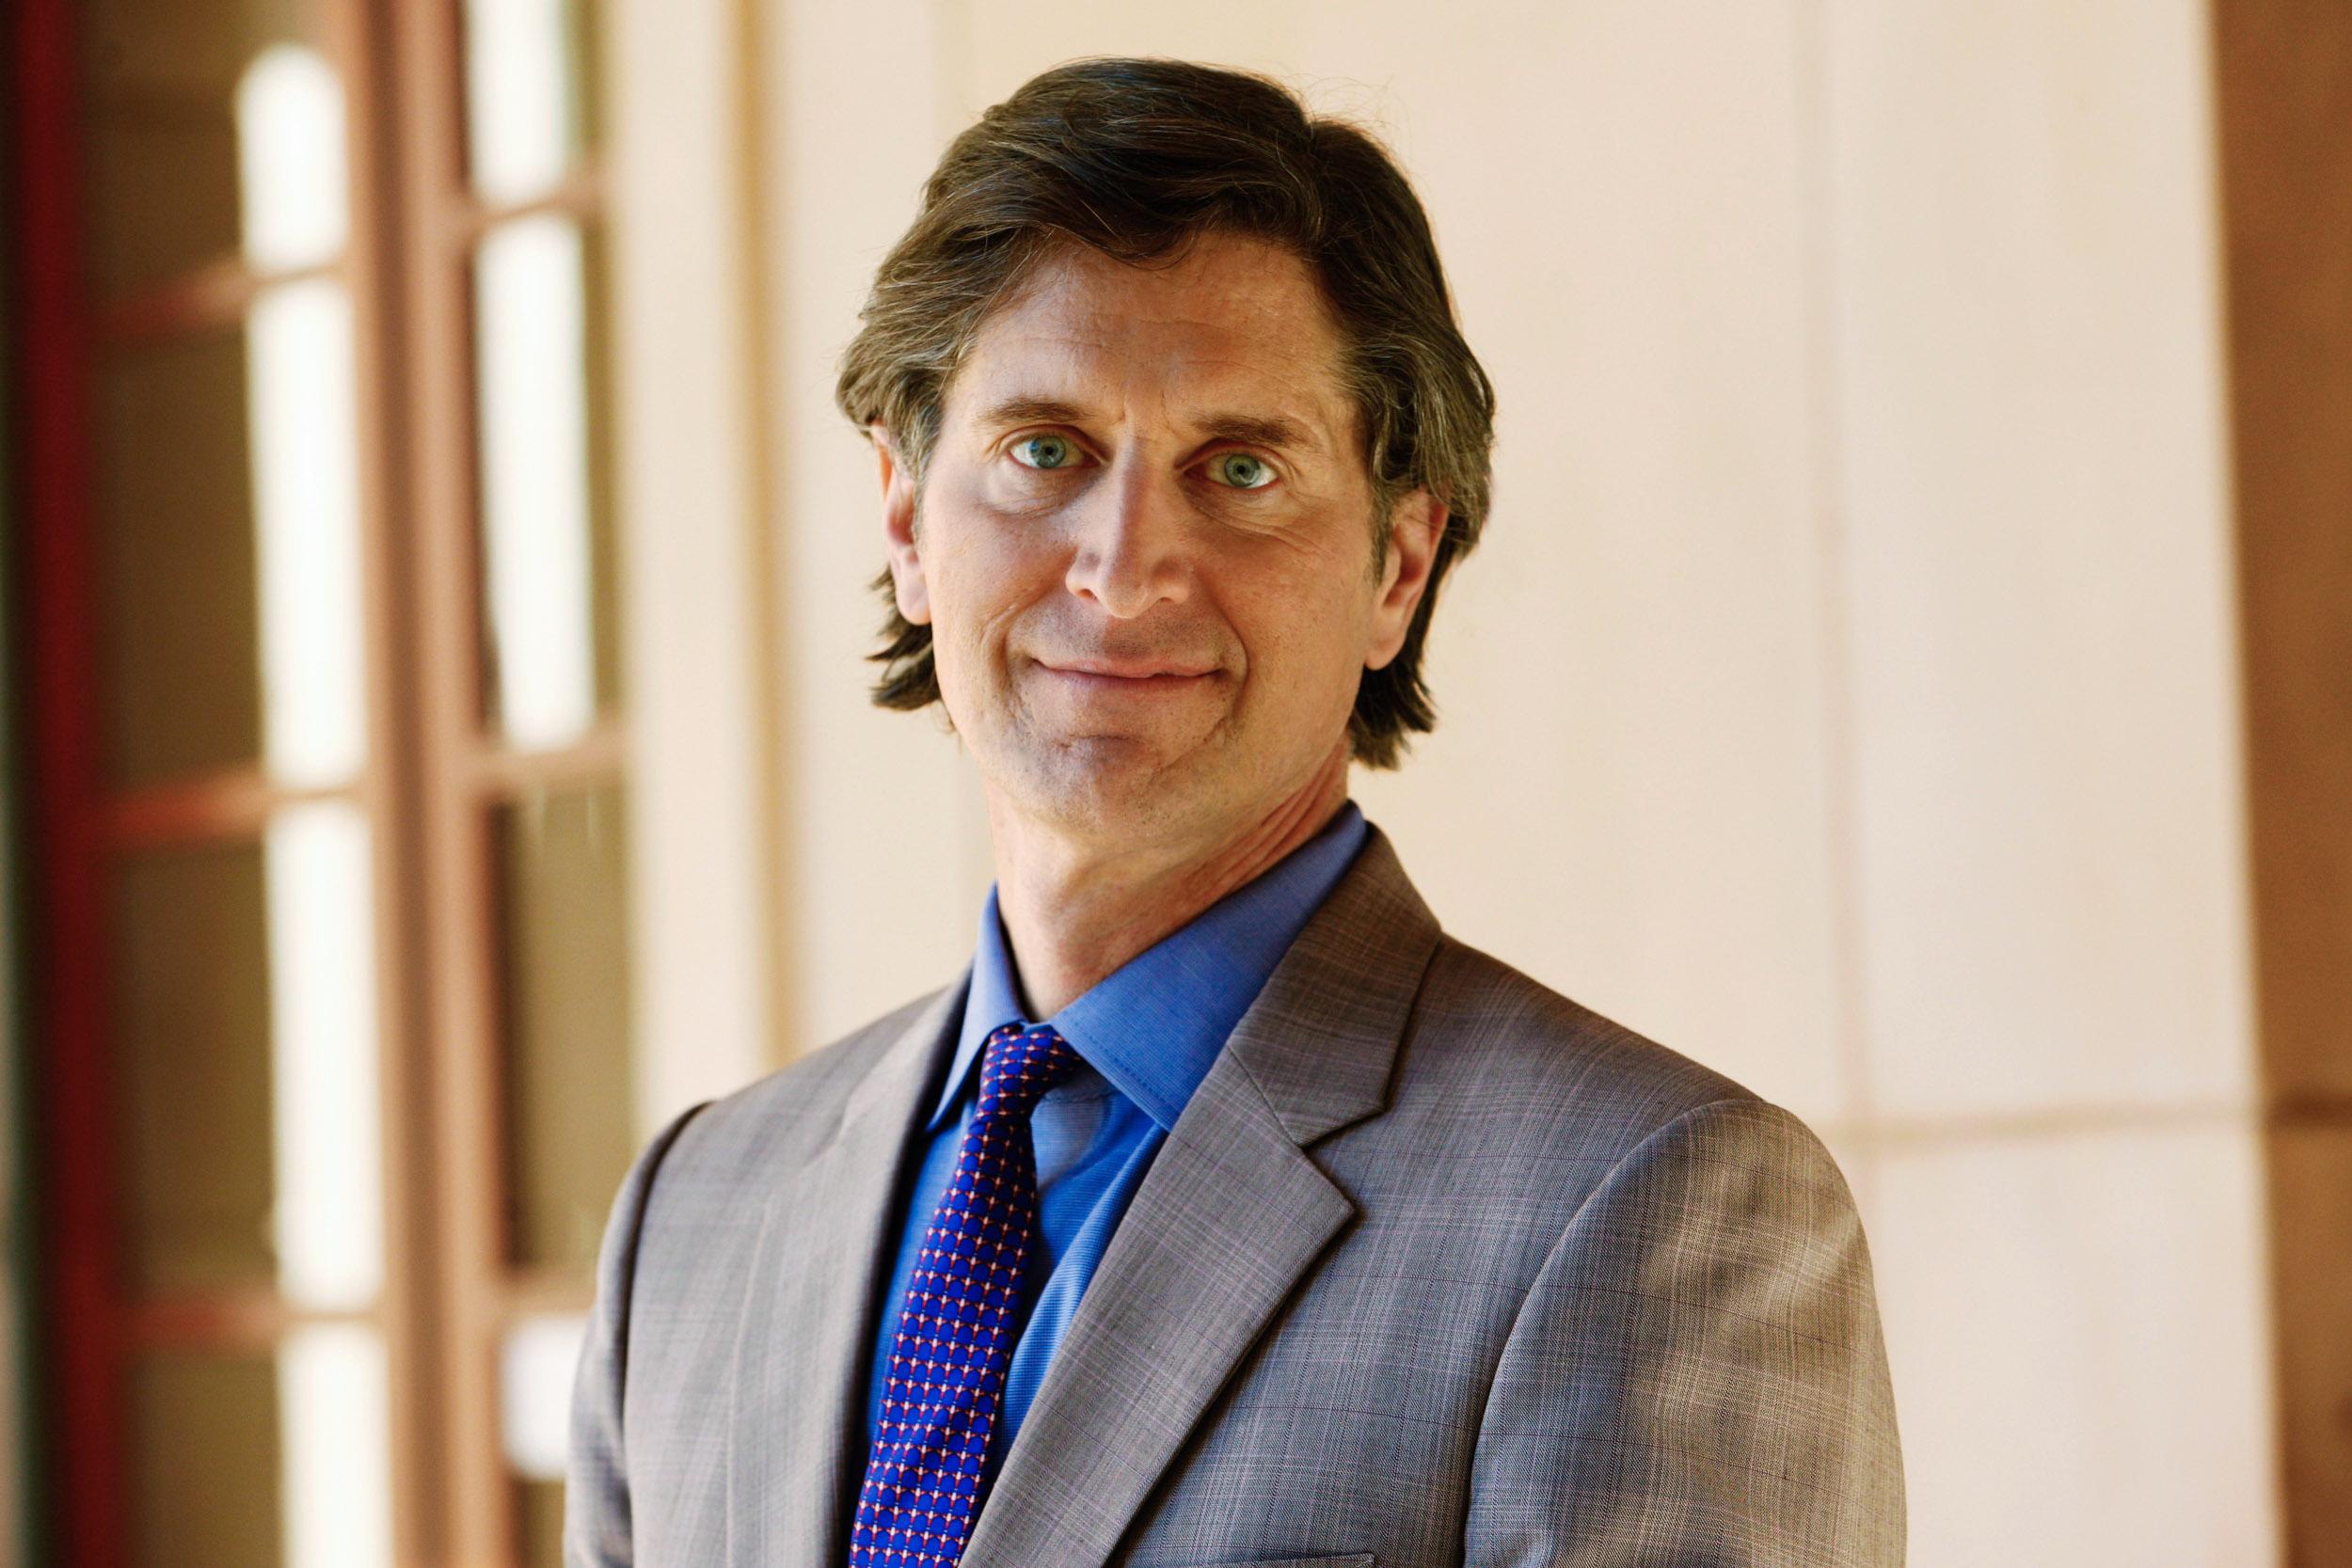 O. M. Vicars Professor of Law, Barron F. Black Research Professor of Law, UVA Law 1990 graduate.